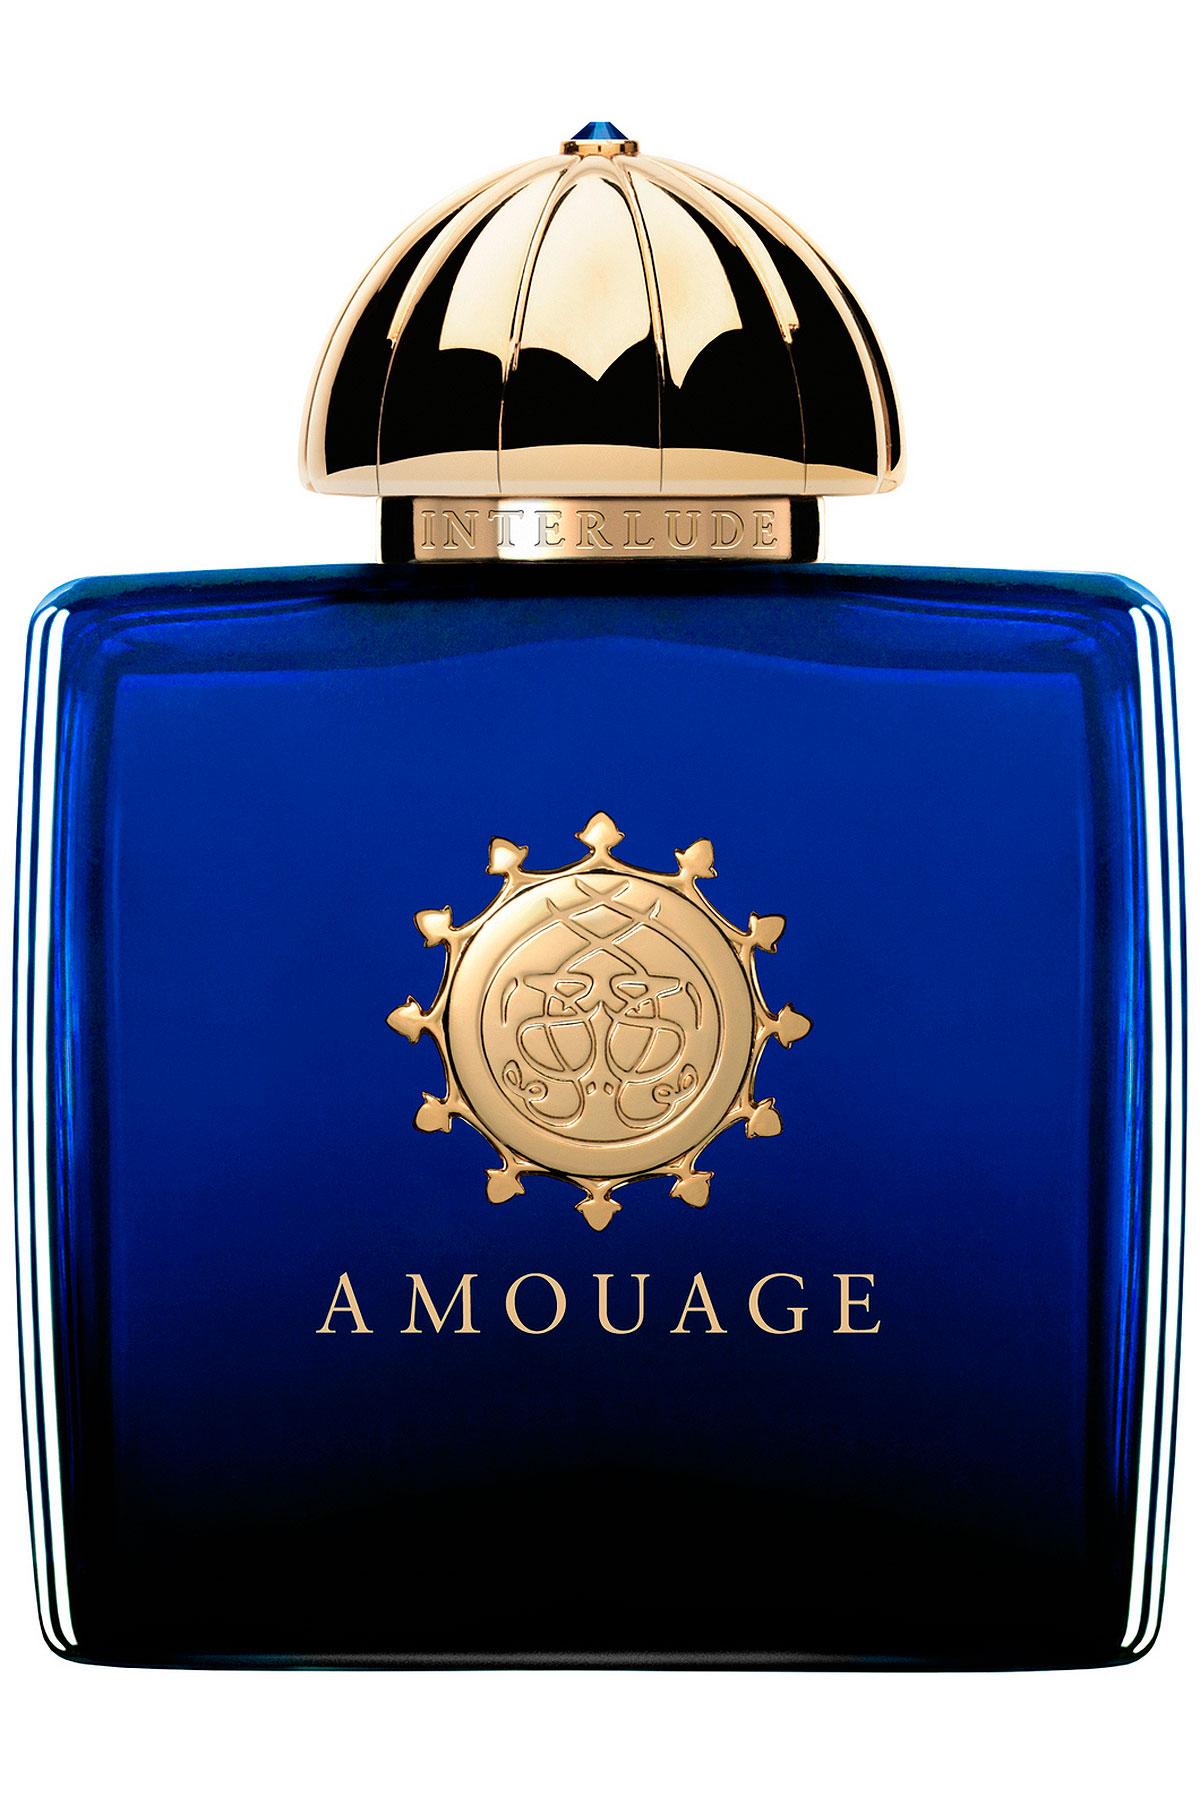 Amouage Fragrances for Women, Interlude Woman - Eau De Parfum - 100 Ml, 2019, 100 ml